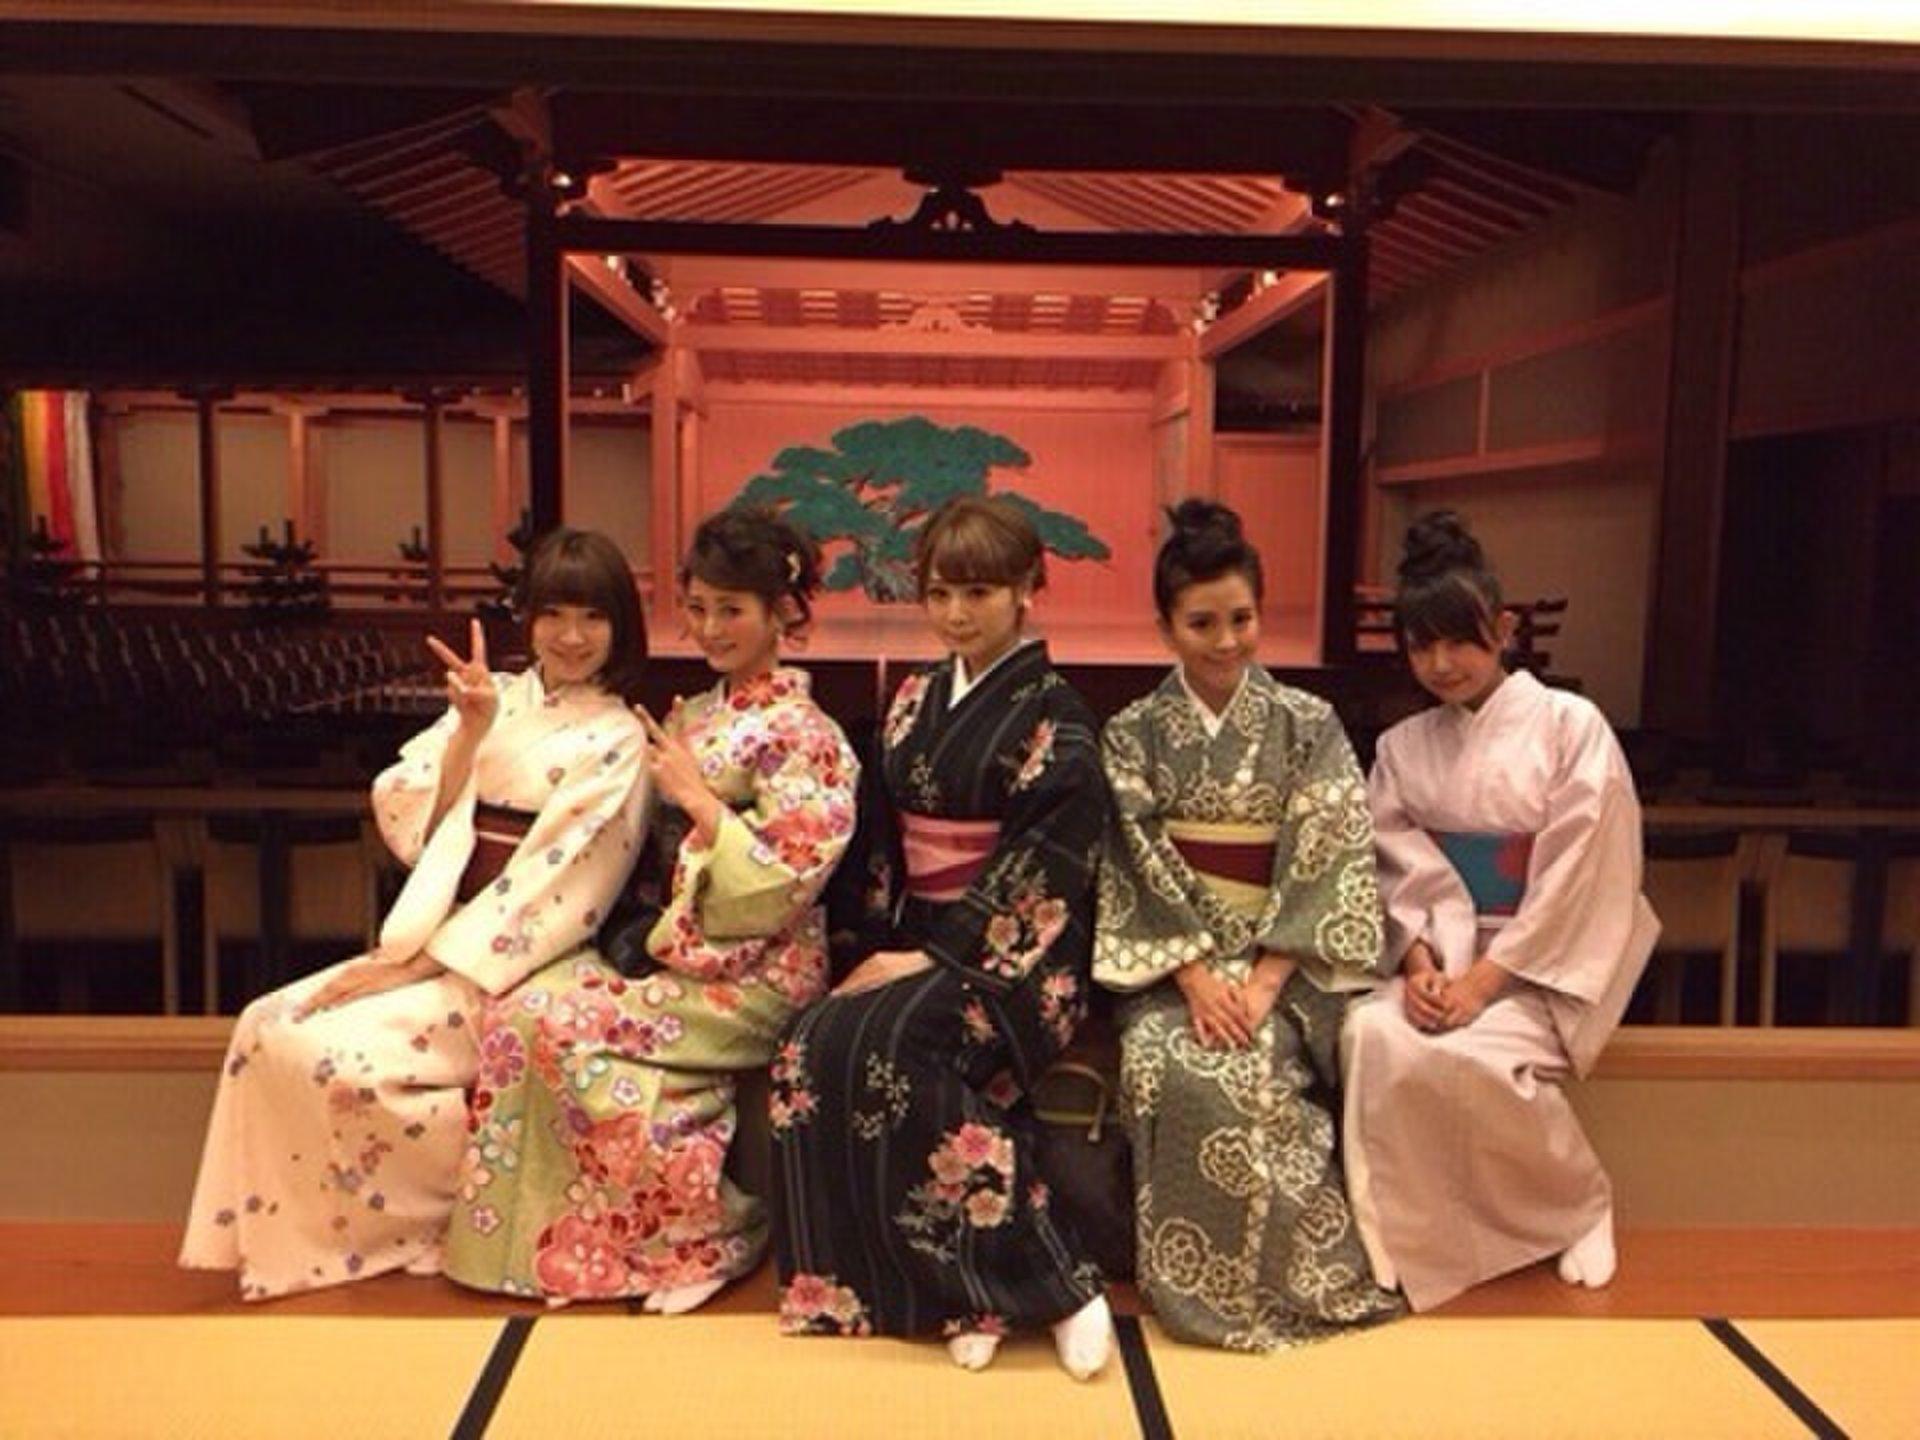 和の雰囲気を満喫!渋谷の「数寄屋橋 金田中」で着物女子会を体験!